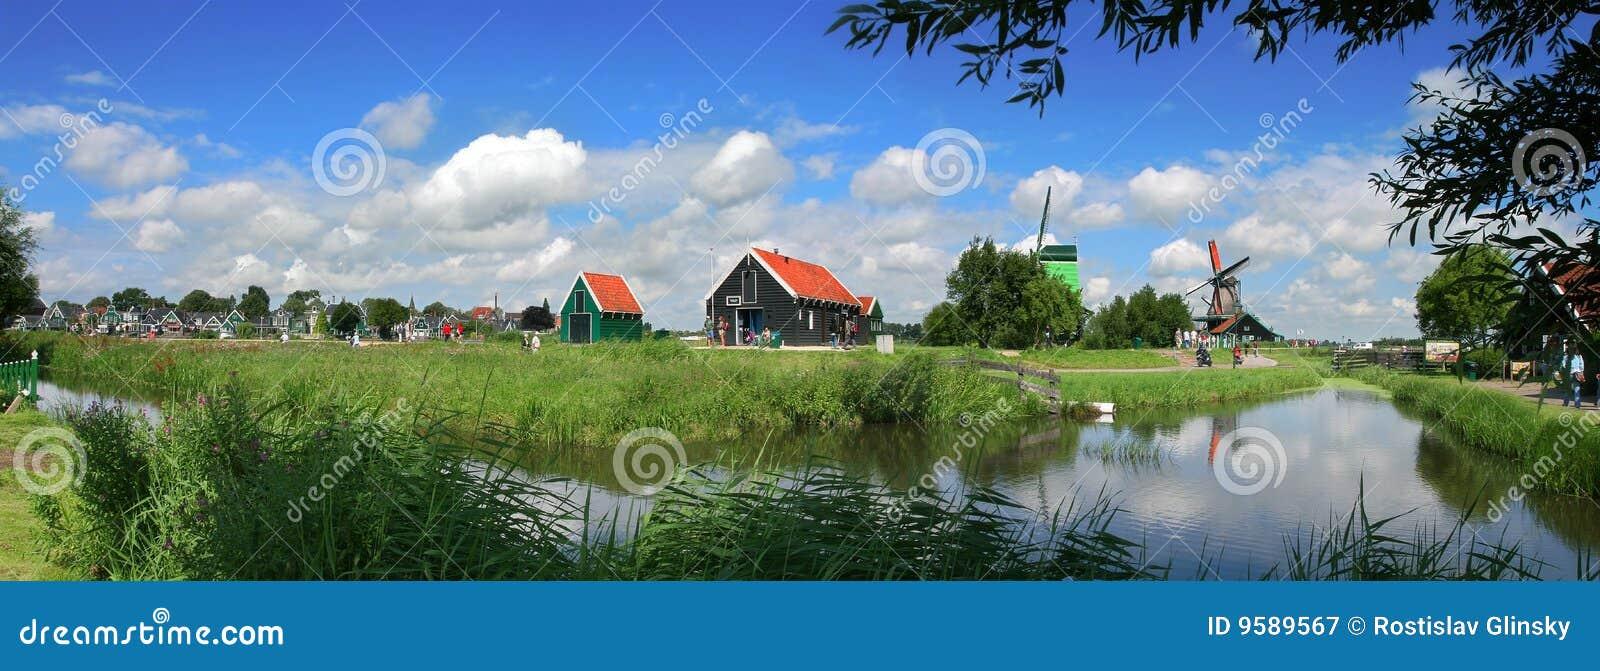 荷兰语村庄